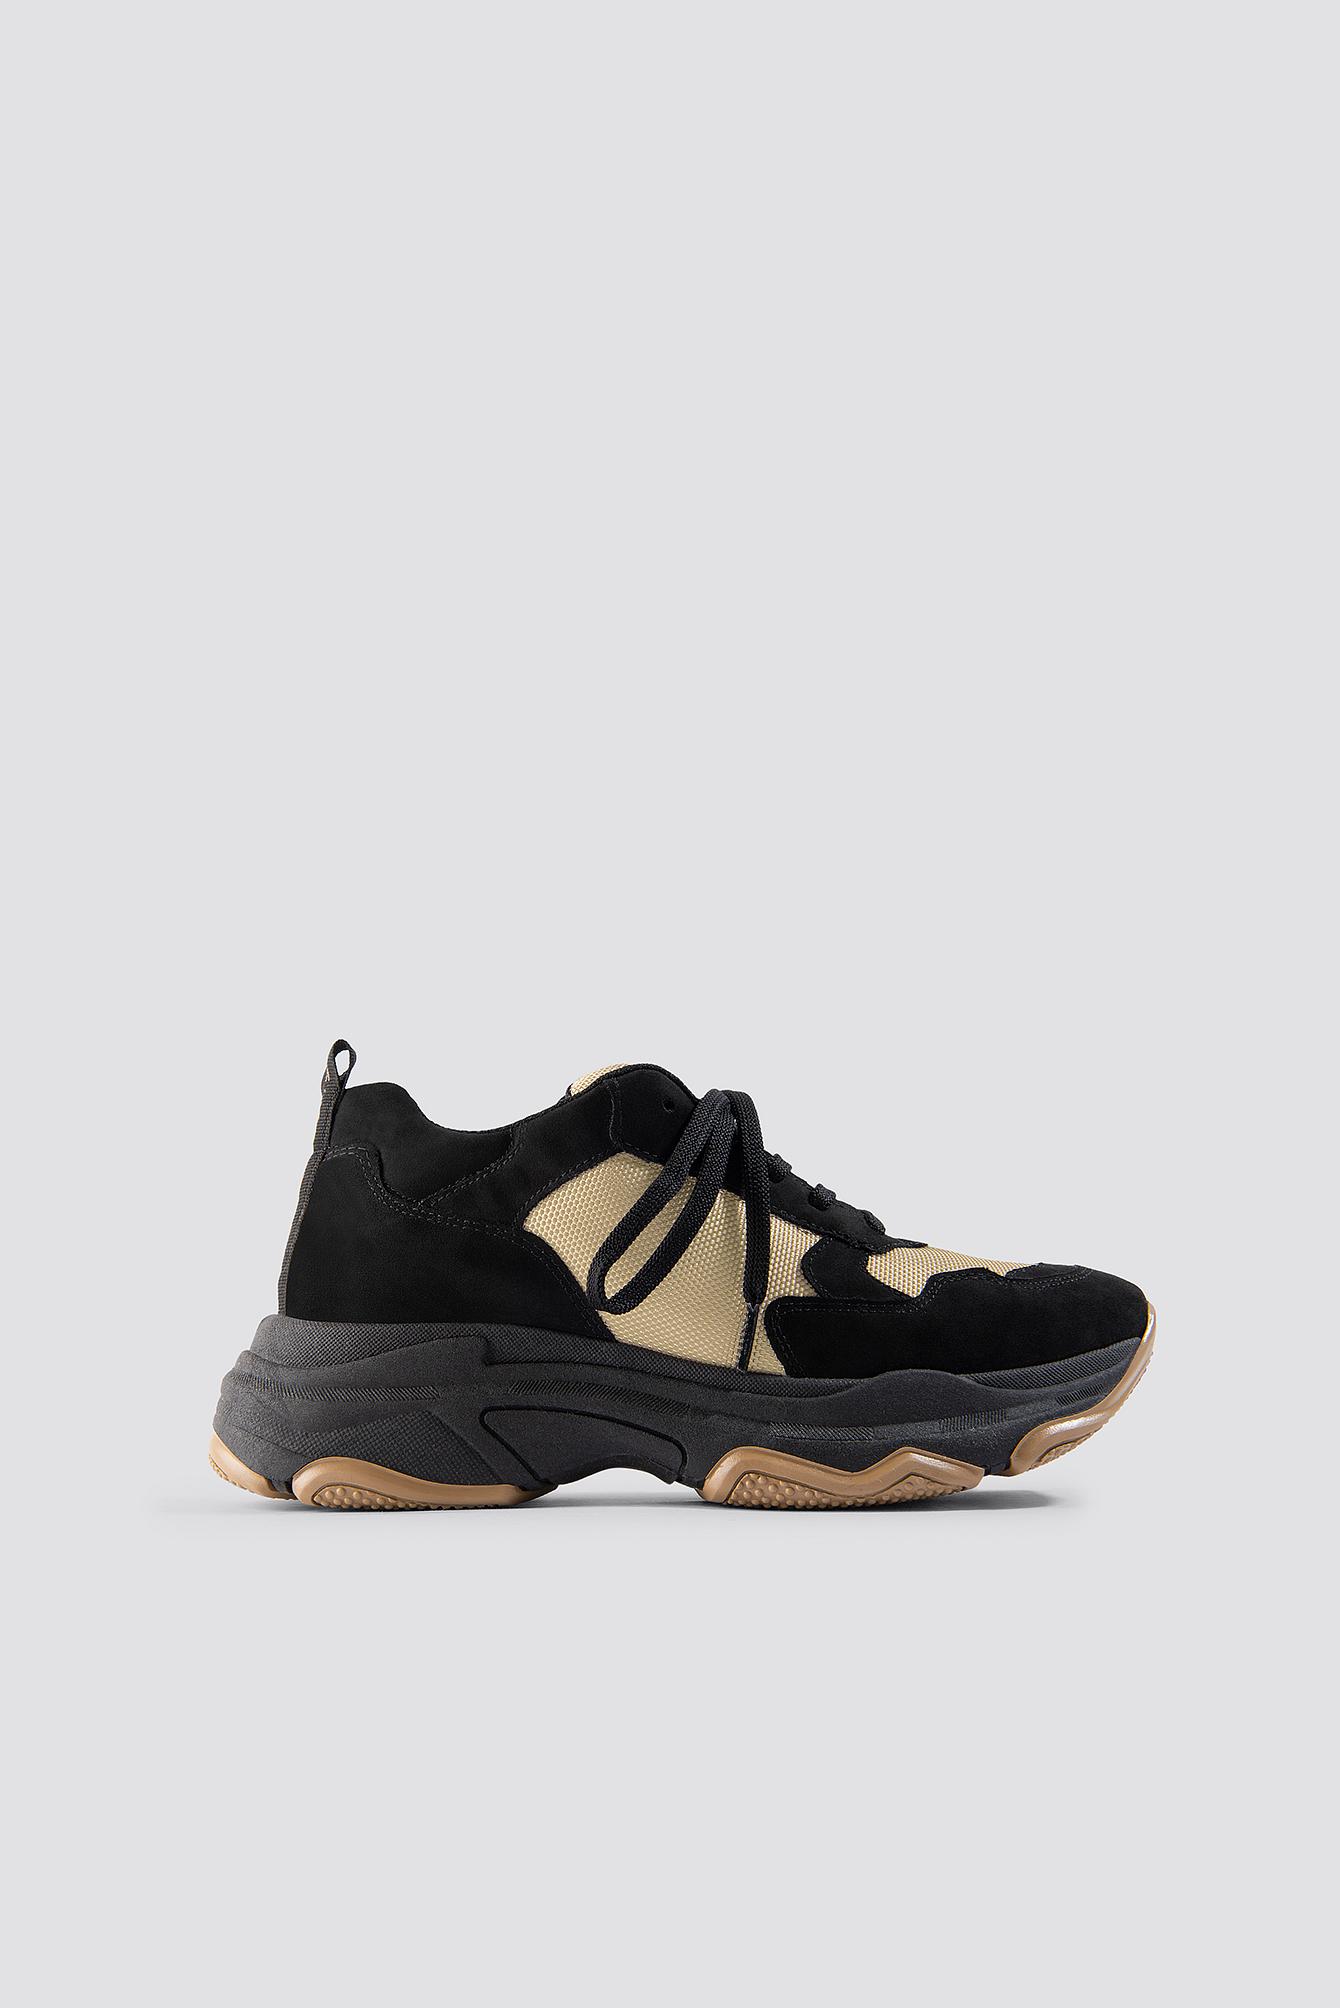 na-kd shoes -  NA-KD Chunky Trainers - Black,Beige